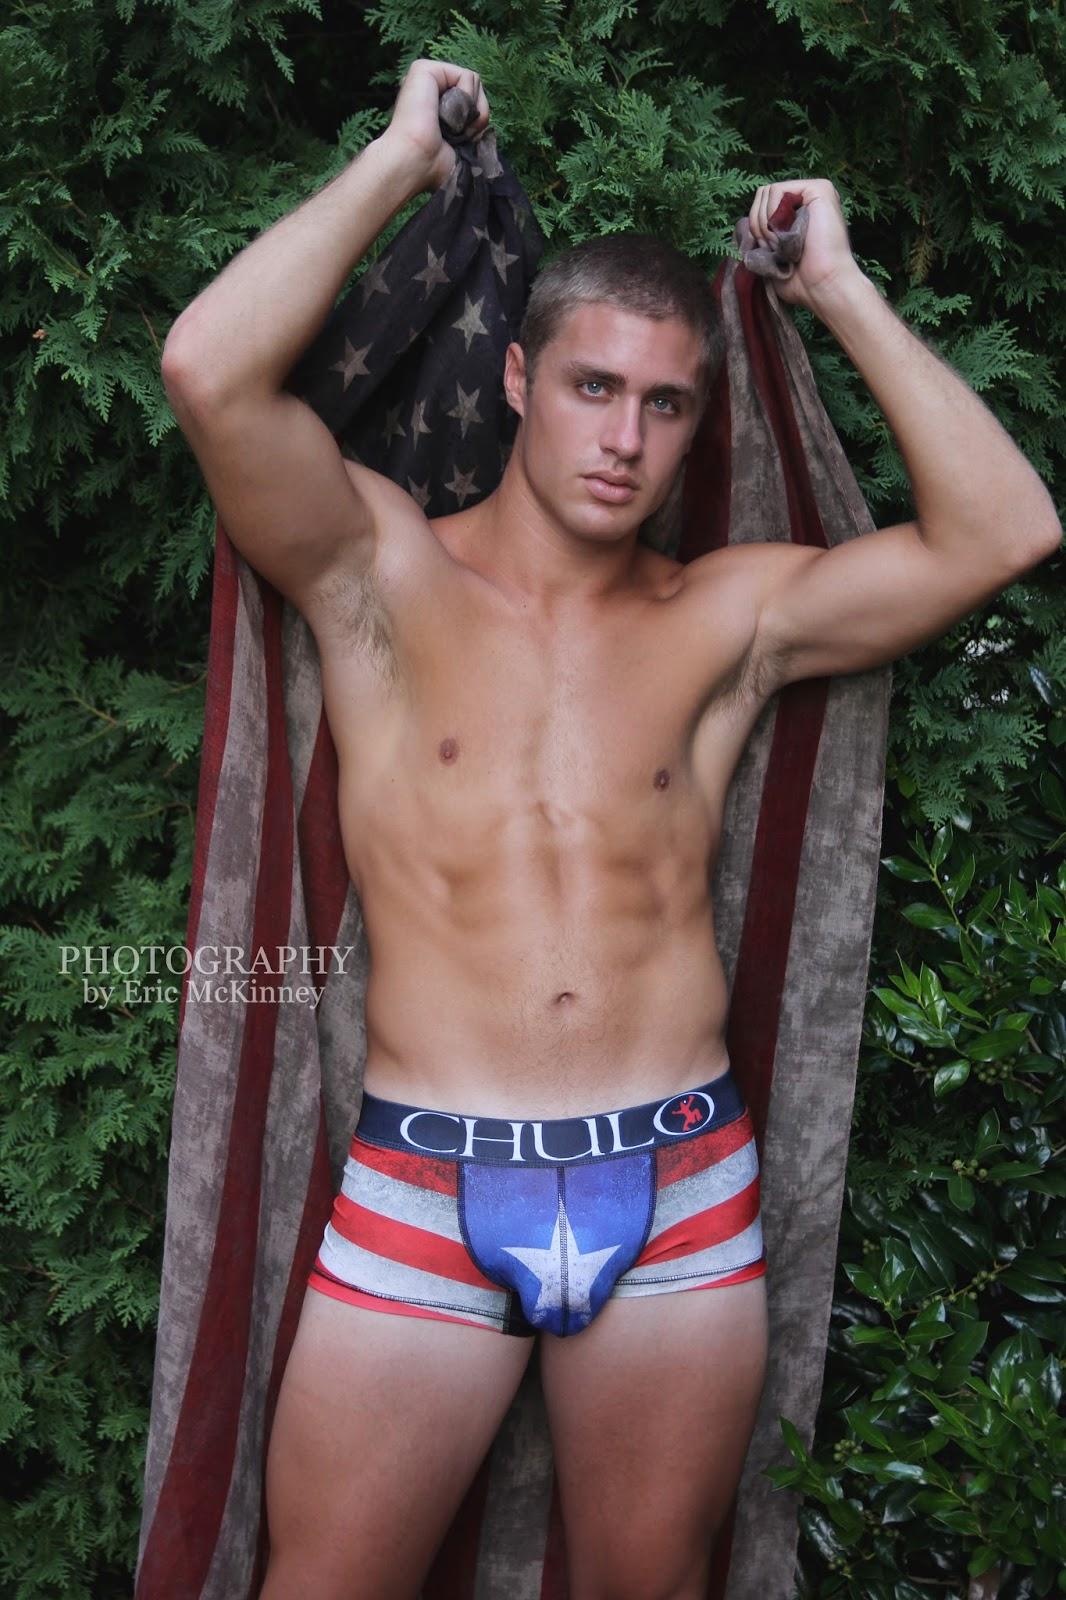 Chulo Underwear by Eric McKinney